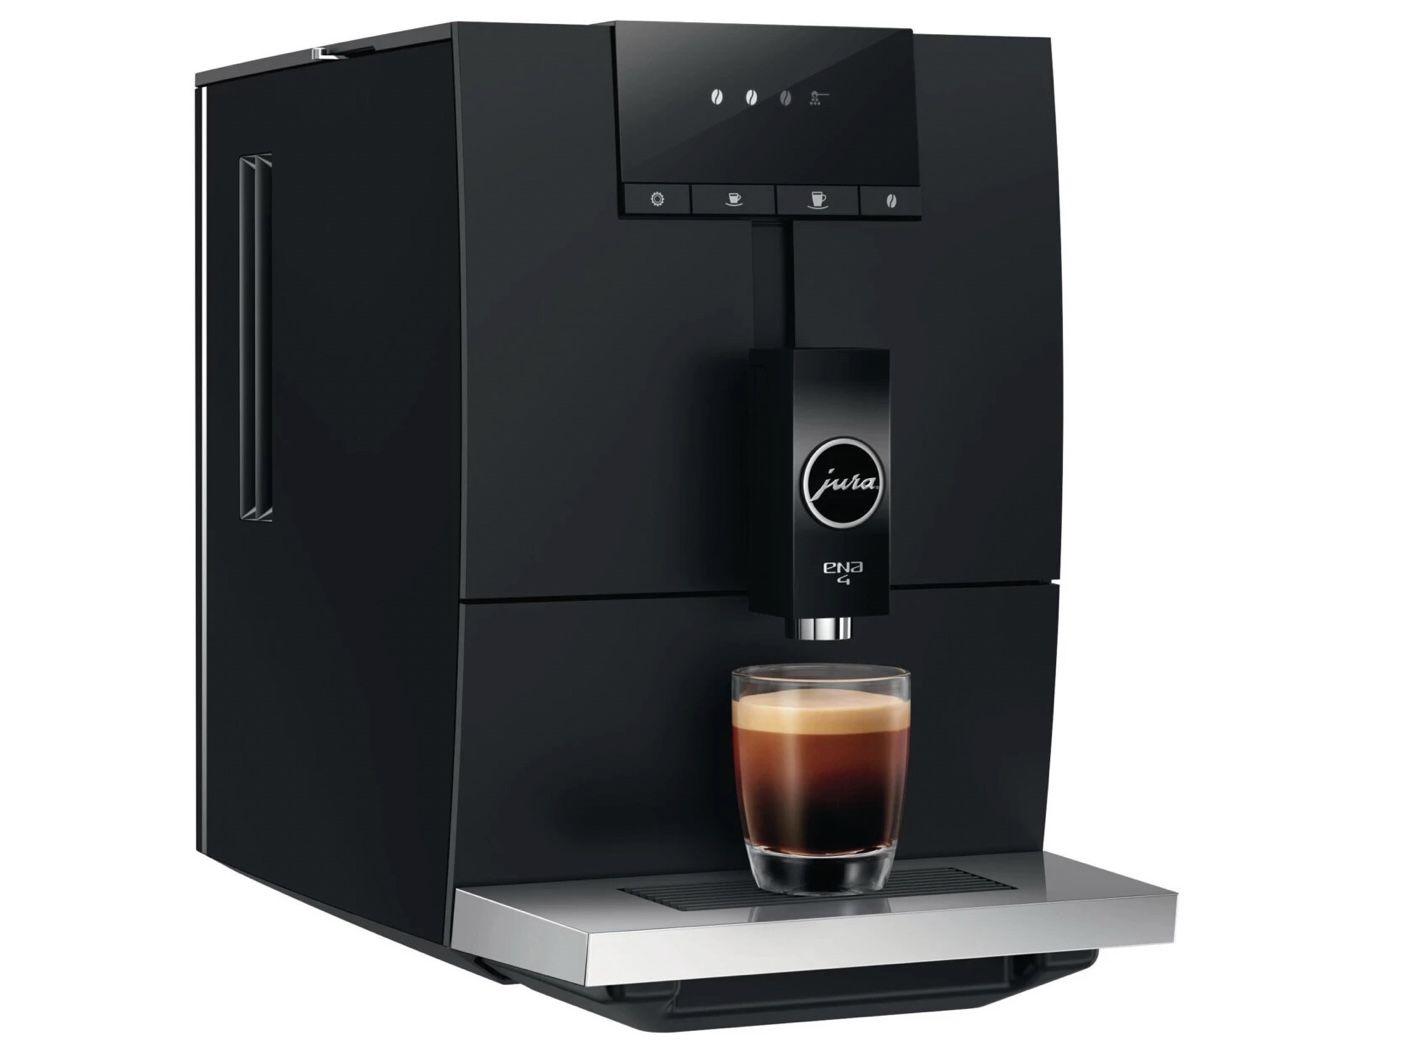 JURA 15344 ENA 4 Kaffeevollautomat Full Metropolitan Black für 485,78€ (statt 569€)